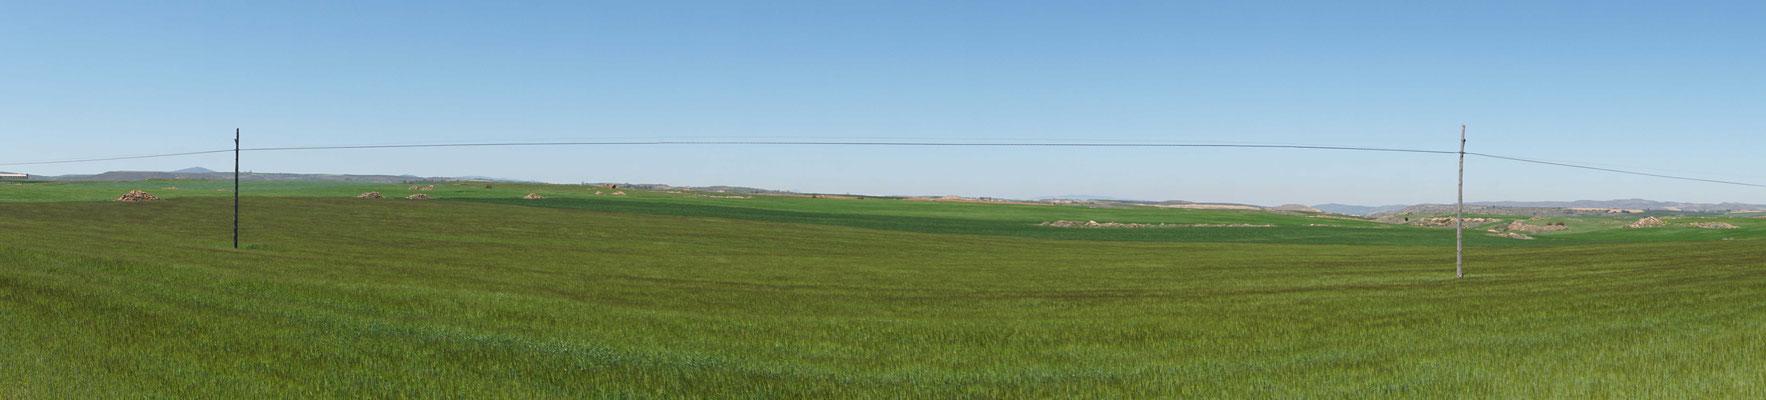 Intensive landwirtschaftliche Nutzung mit viel künstlicher Bewässerung...